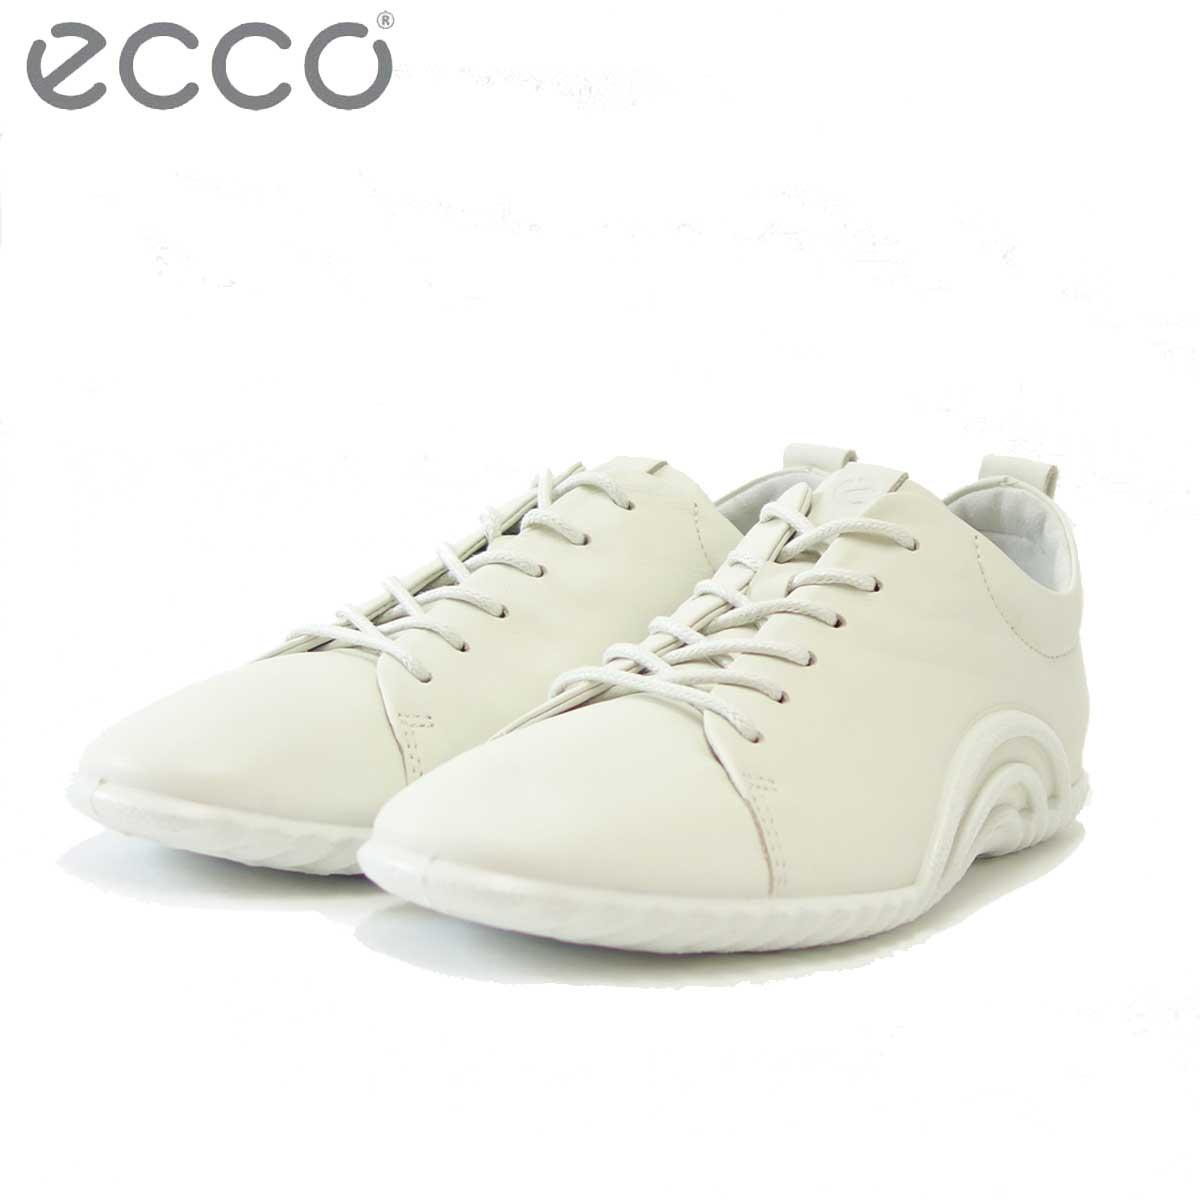 エコー ECCO 206113 シャドーホワイト(レディース) 快適な履き心地のレースアップシューズ 「靴」